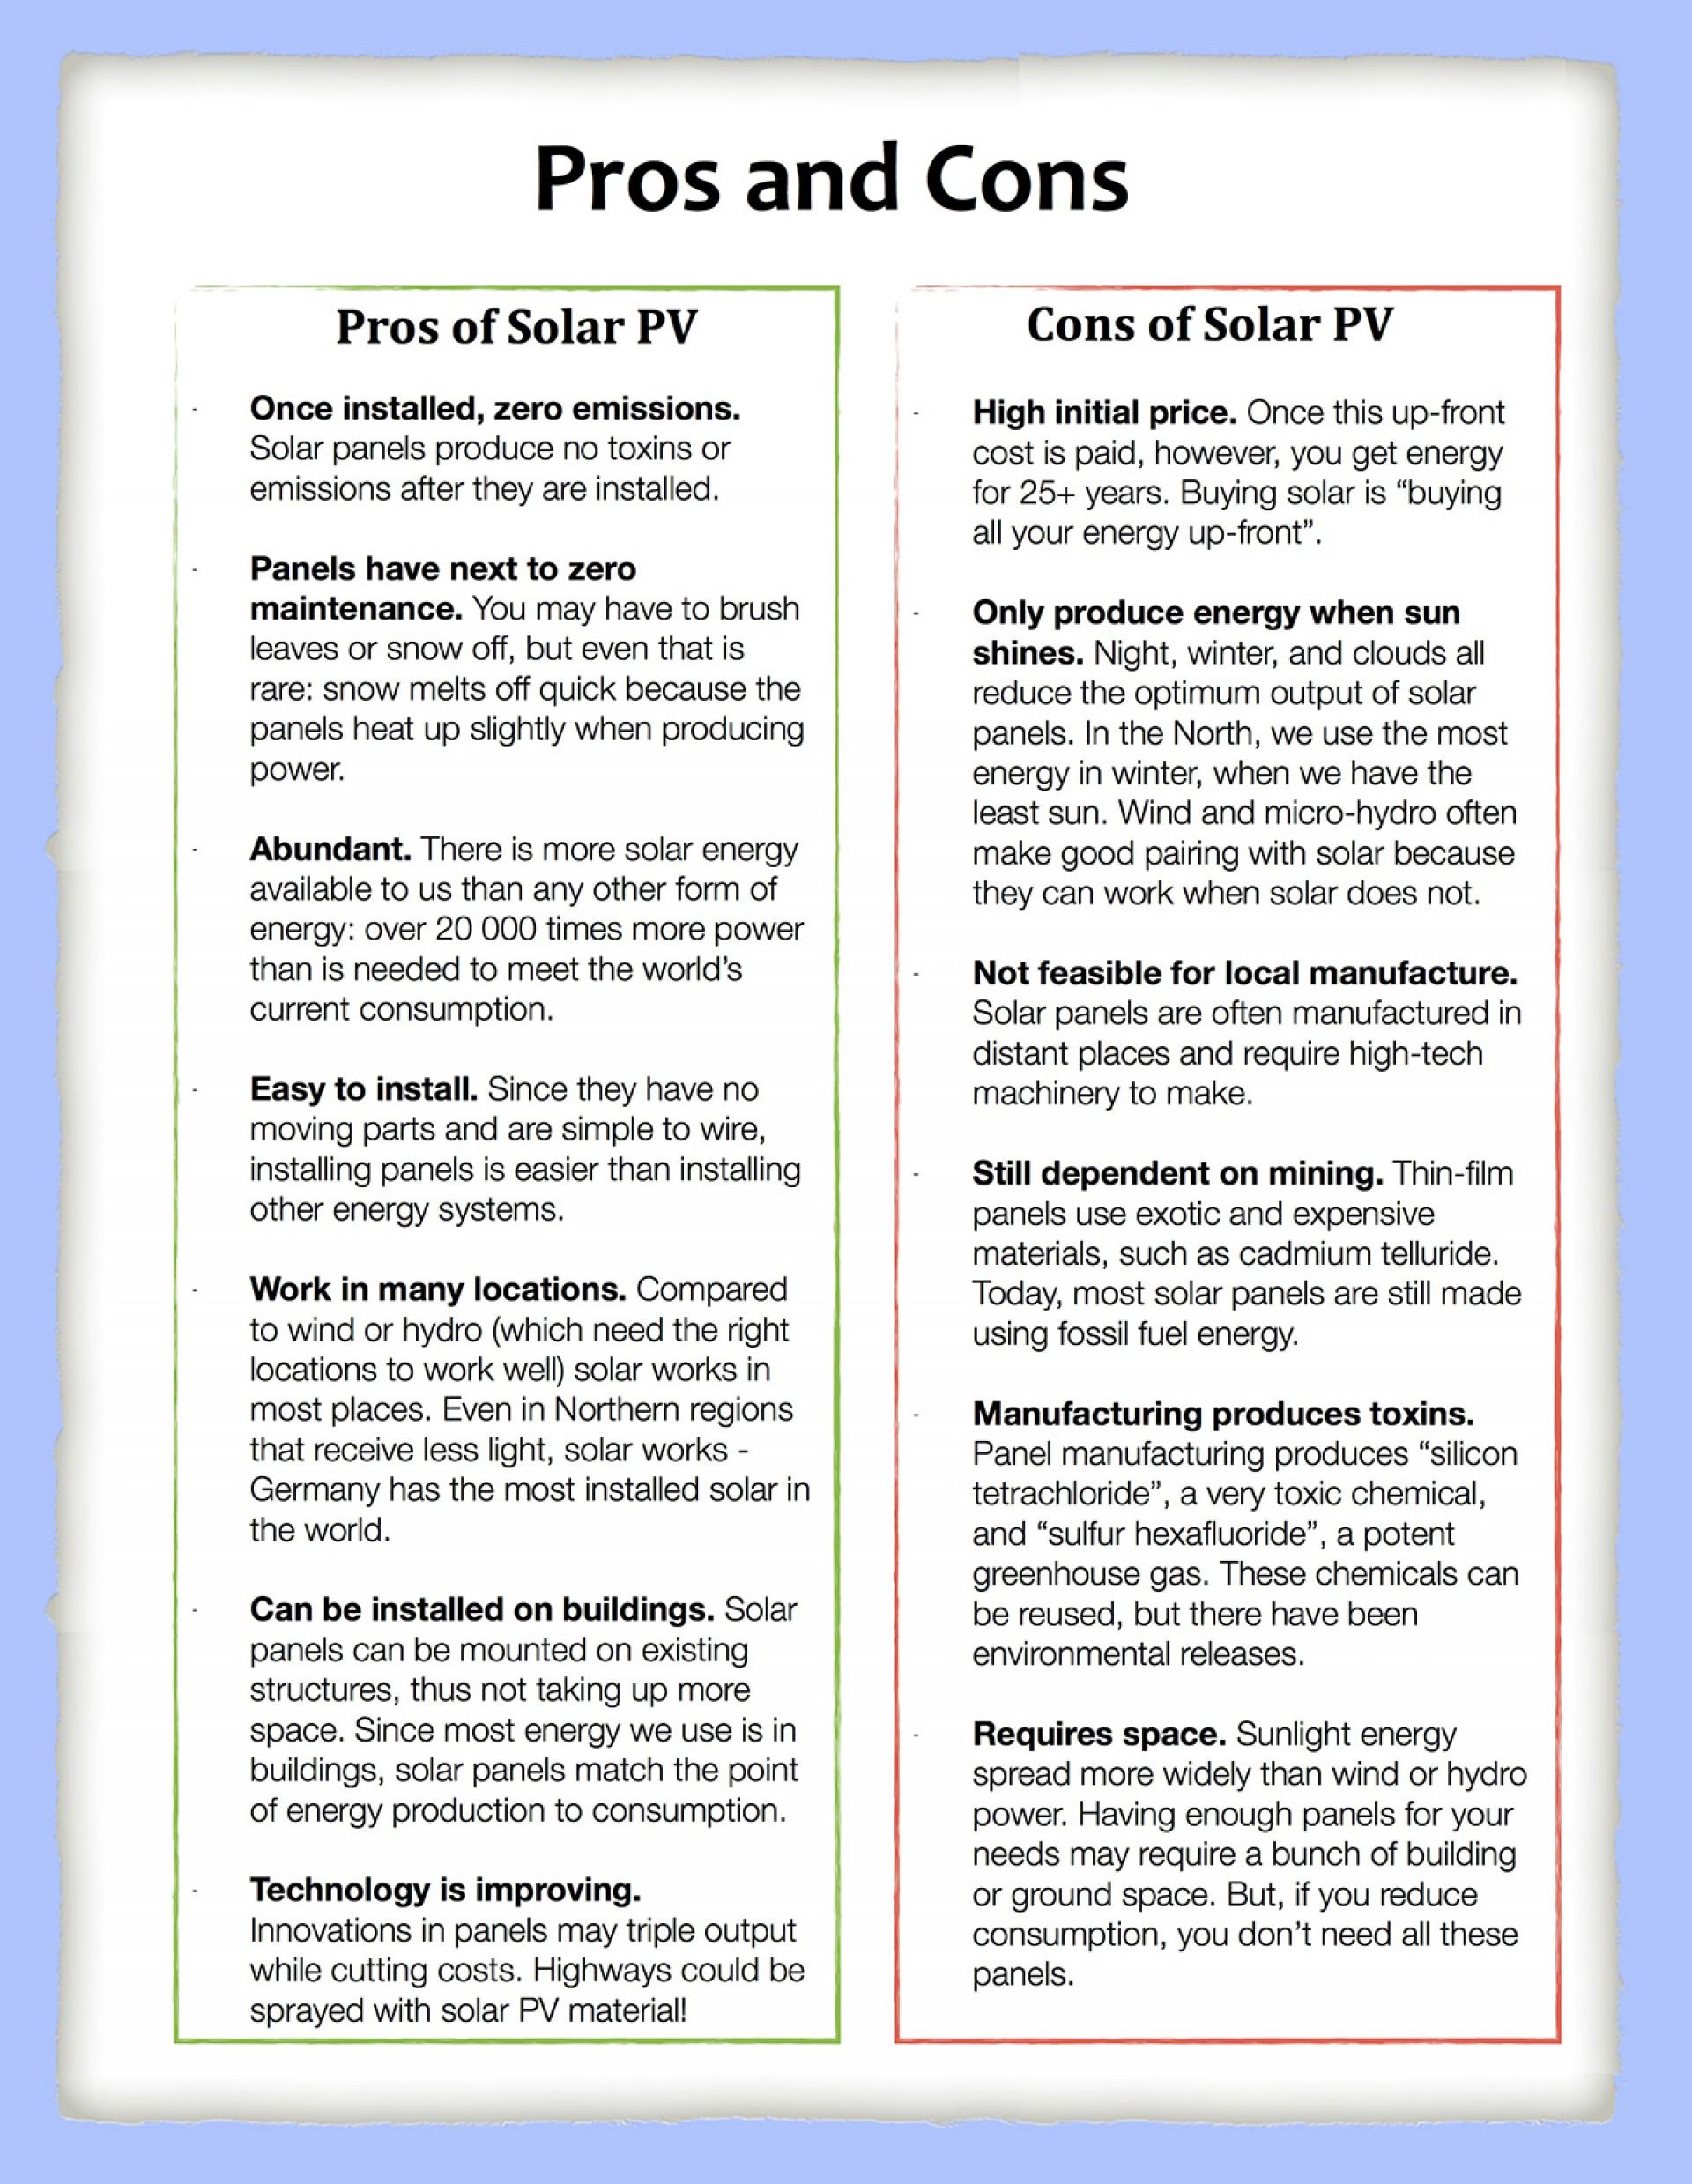 006 Solarposter6 Should Students Wear School Uniforms Essay Impressive Ielts Uniform Sample 1920